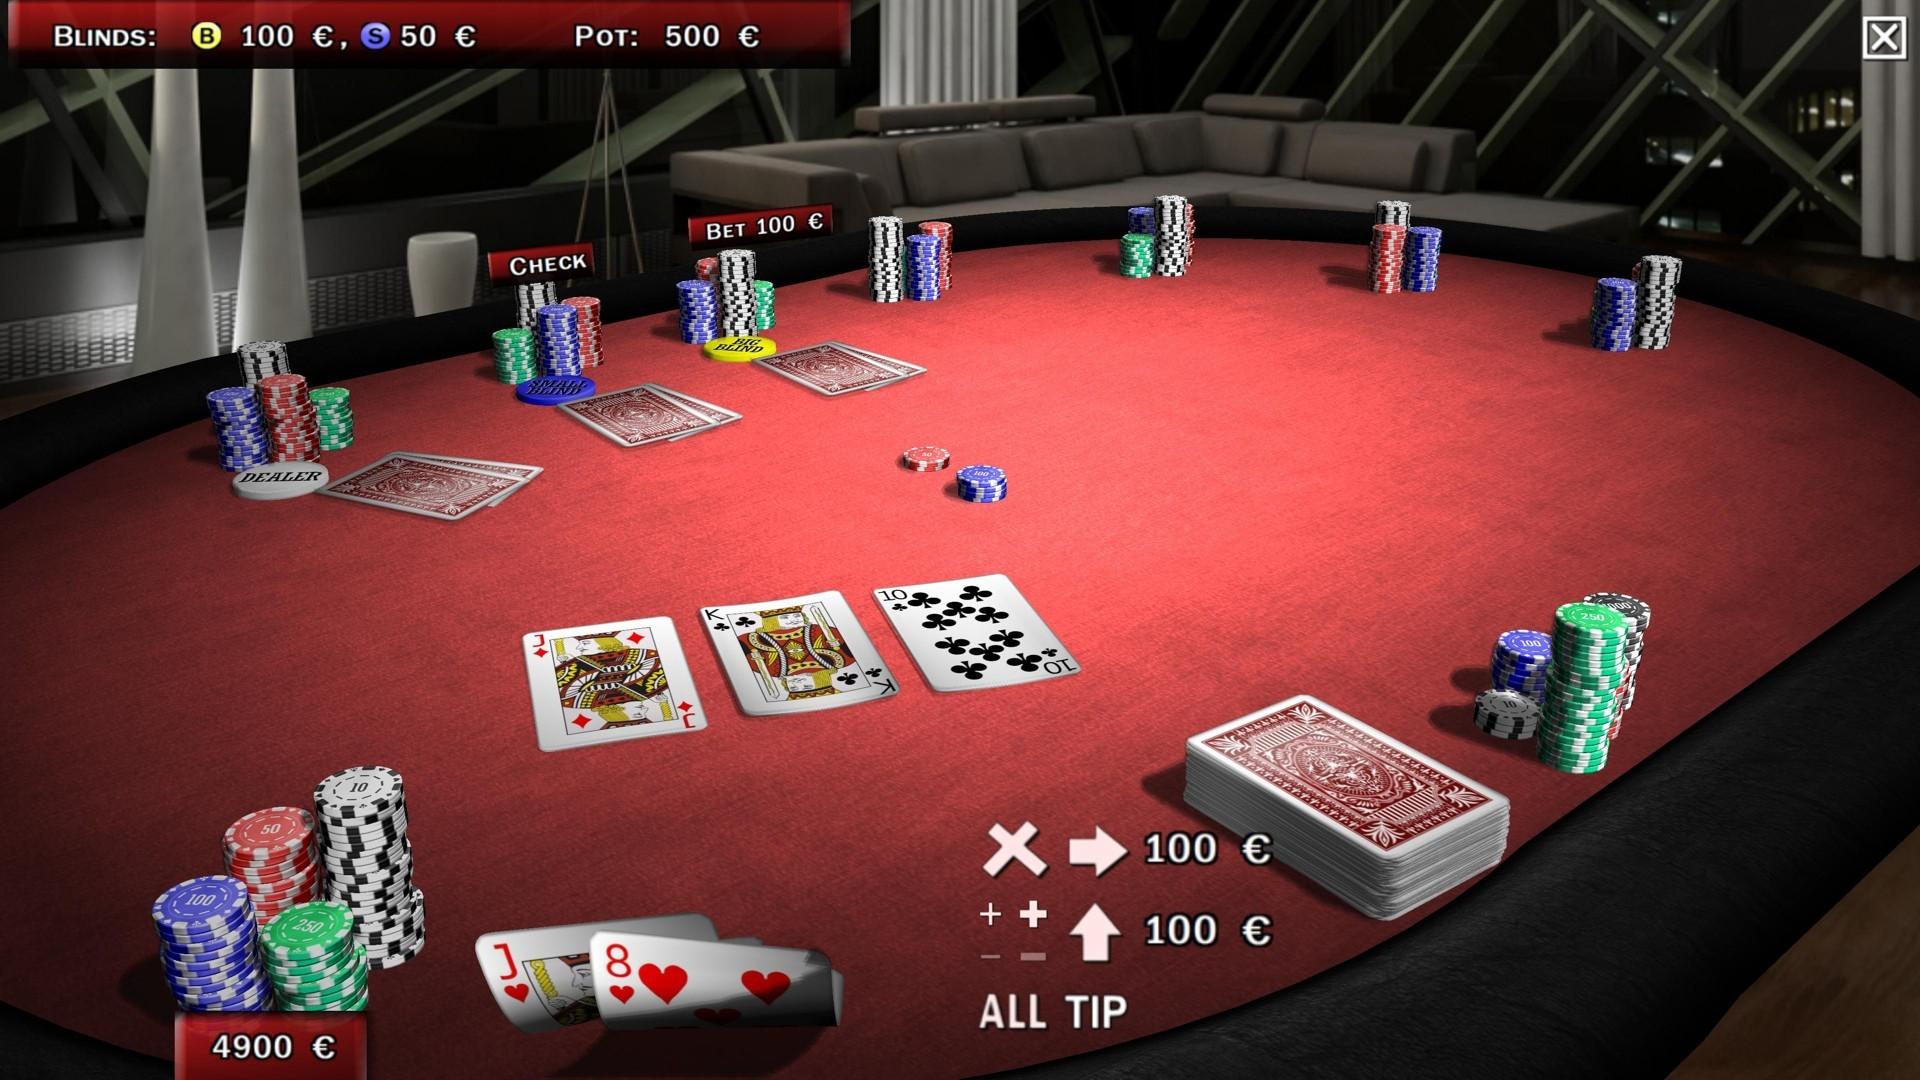 выбрать покер рум для игры на деньги